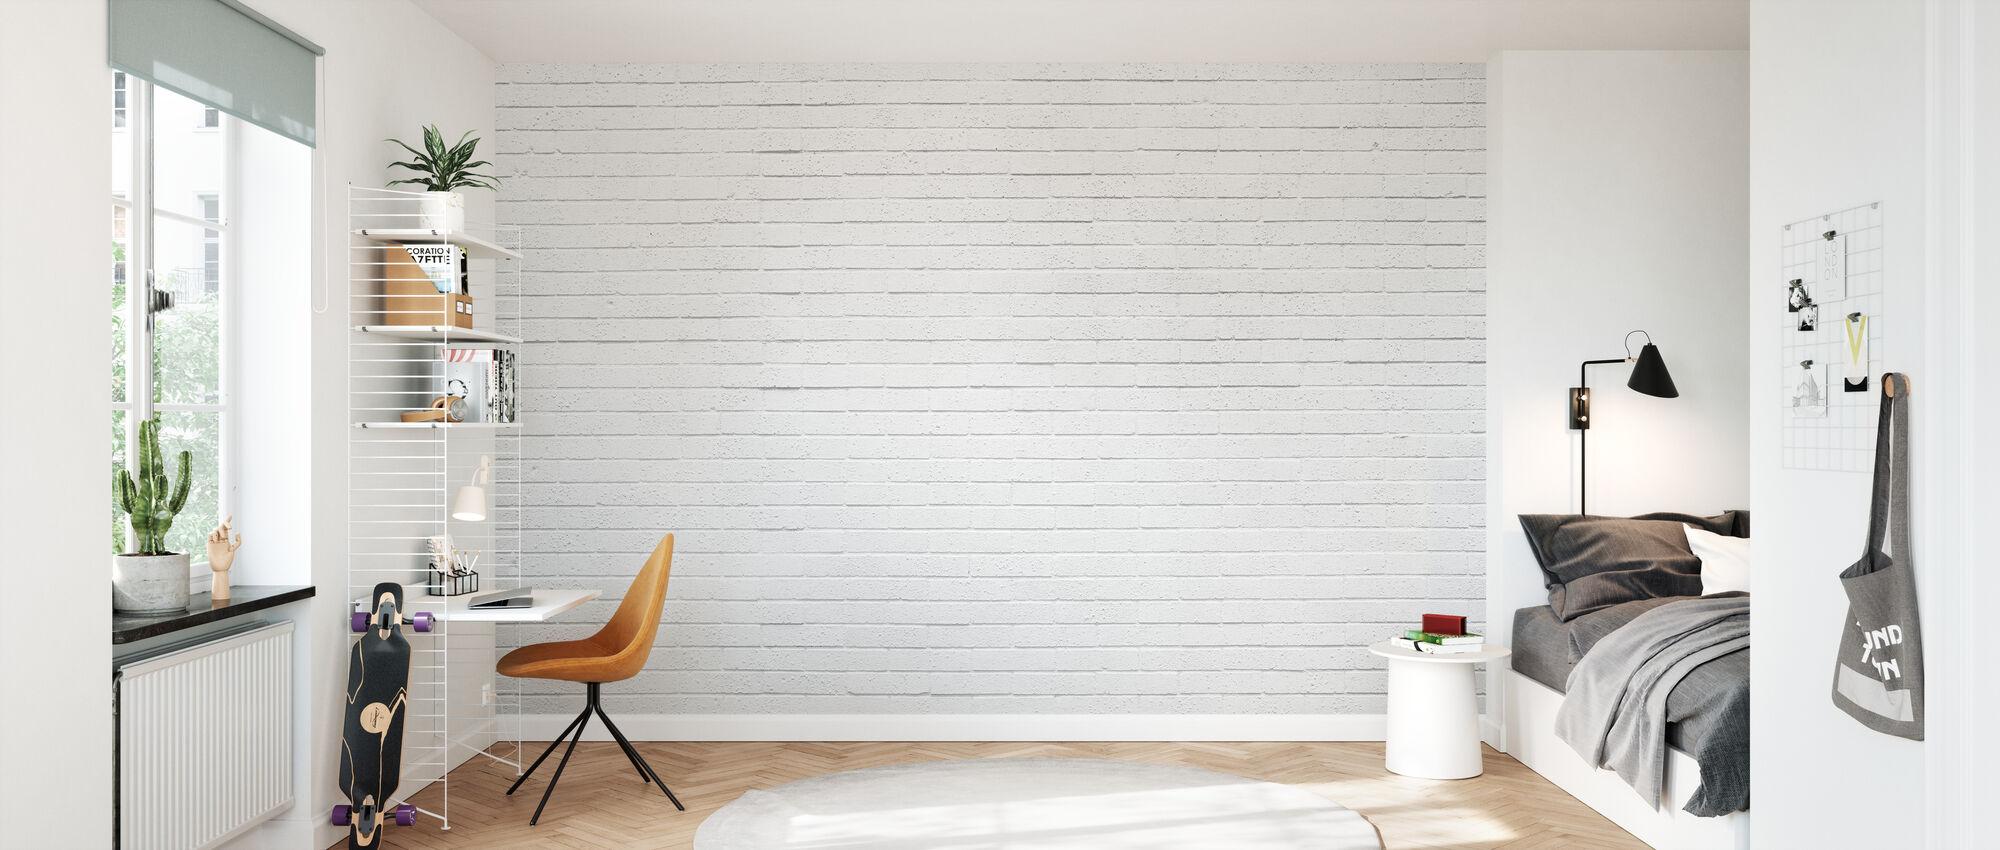 White Natural Brick Wall - Wallpaper - Kids Room